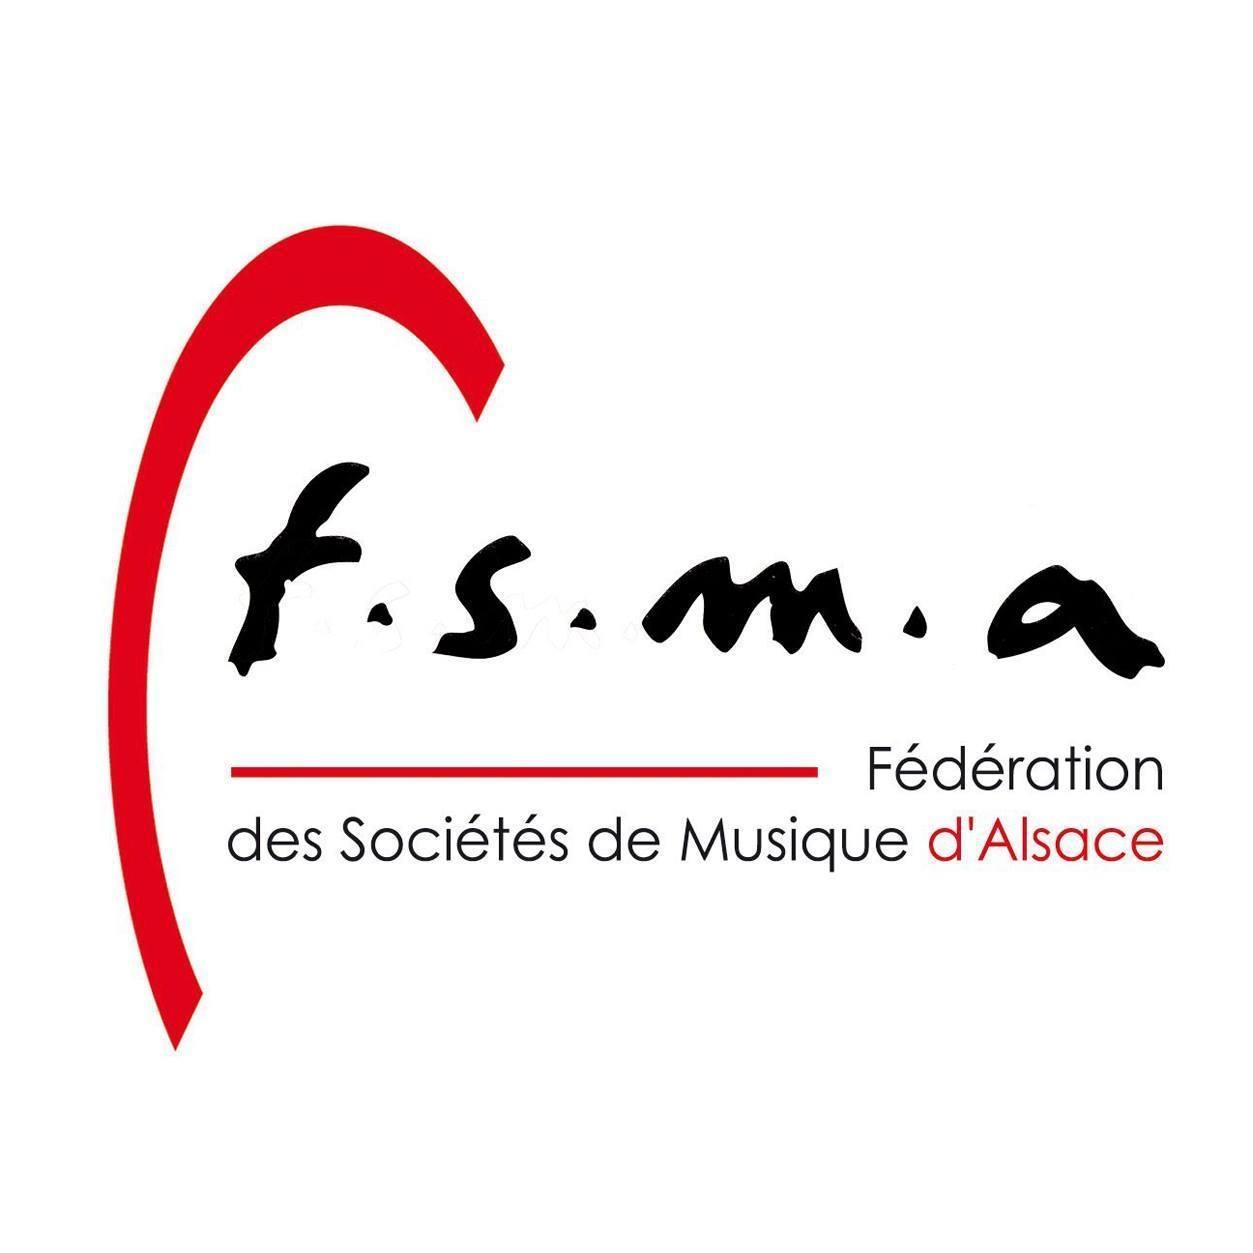 Fédération des sociétés de musique d'Alsace